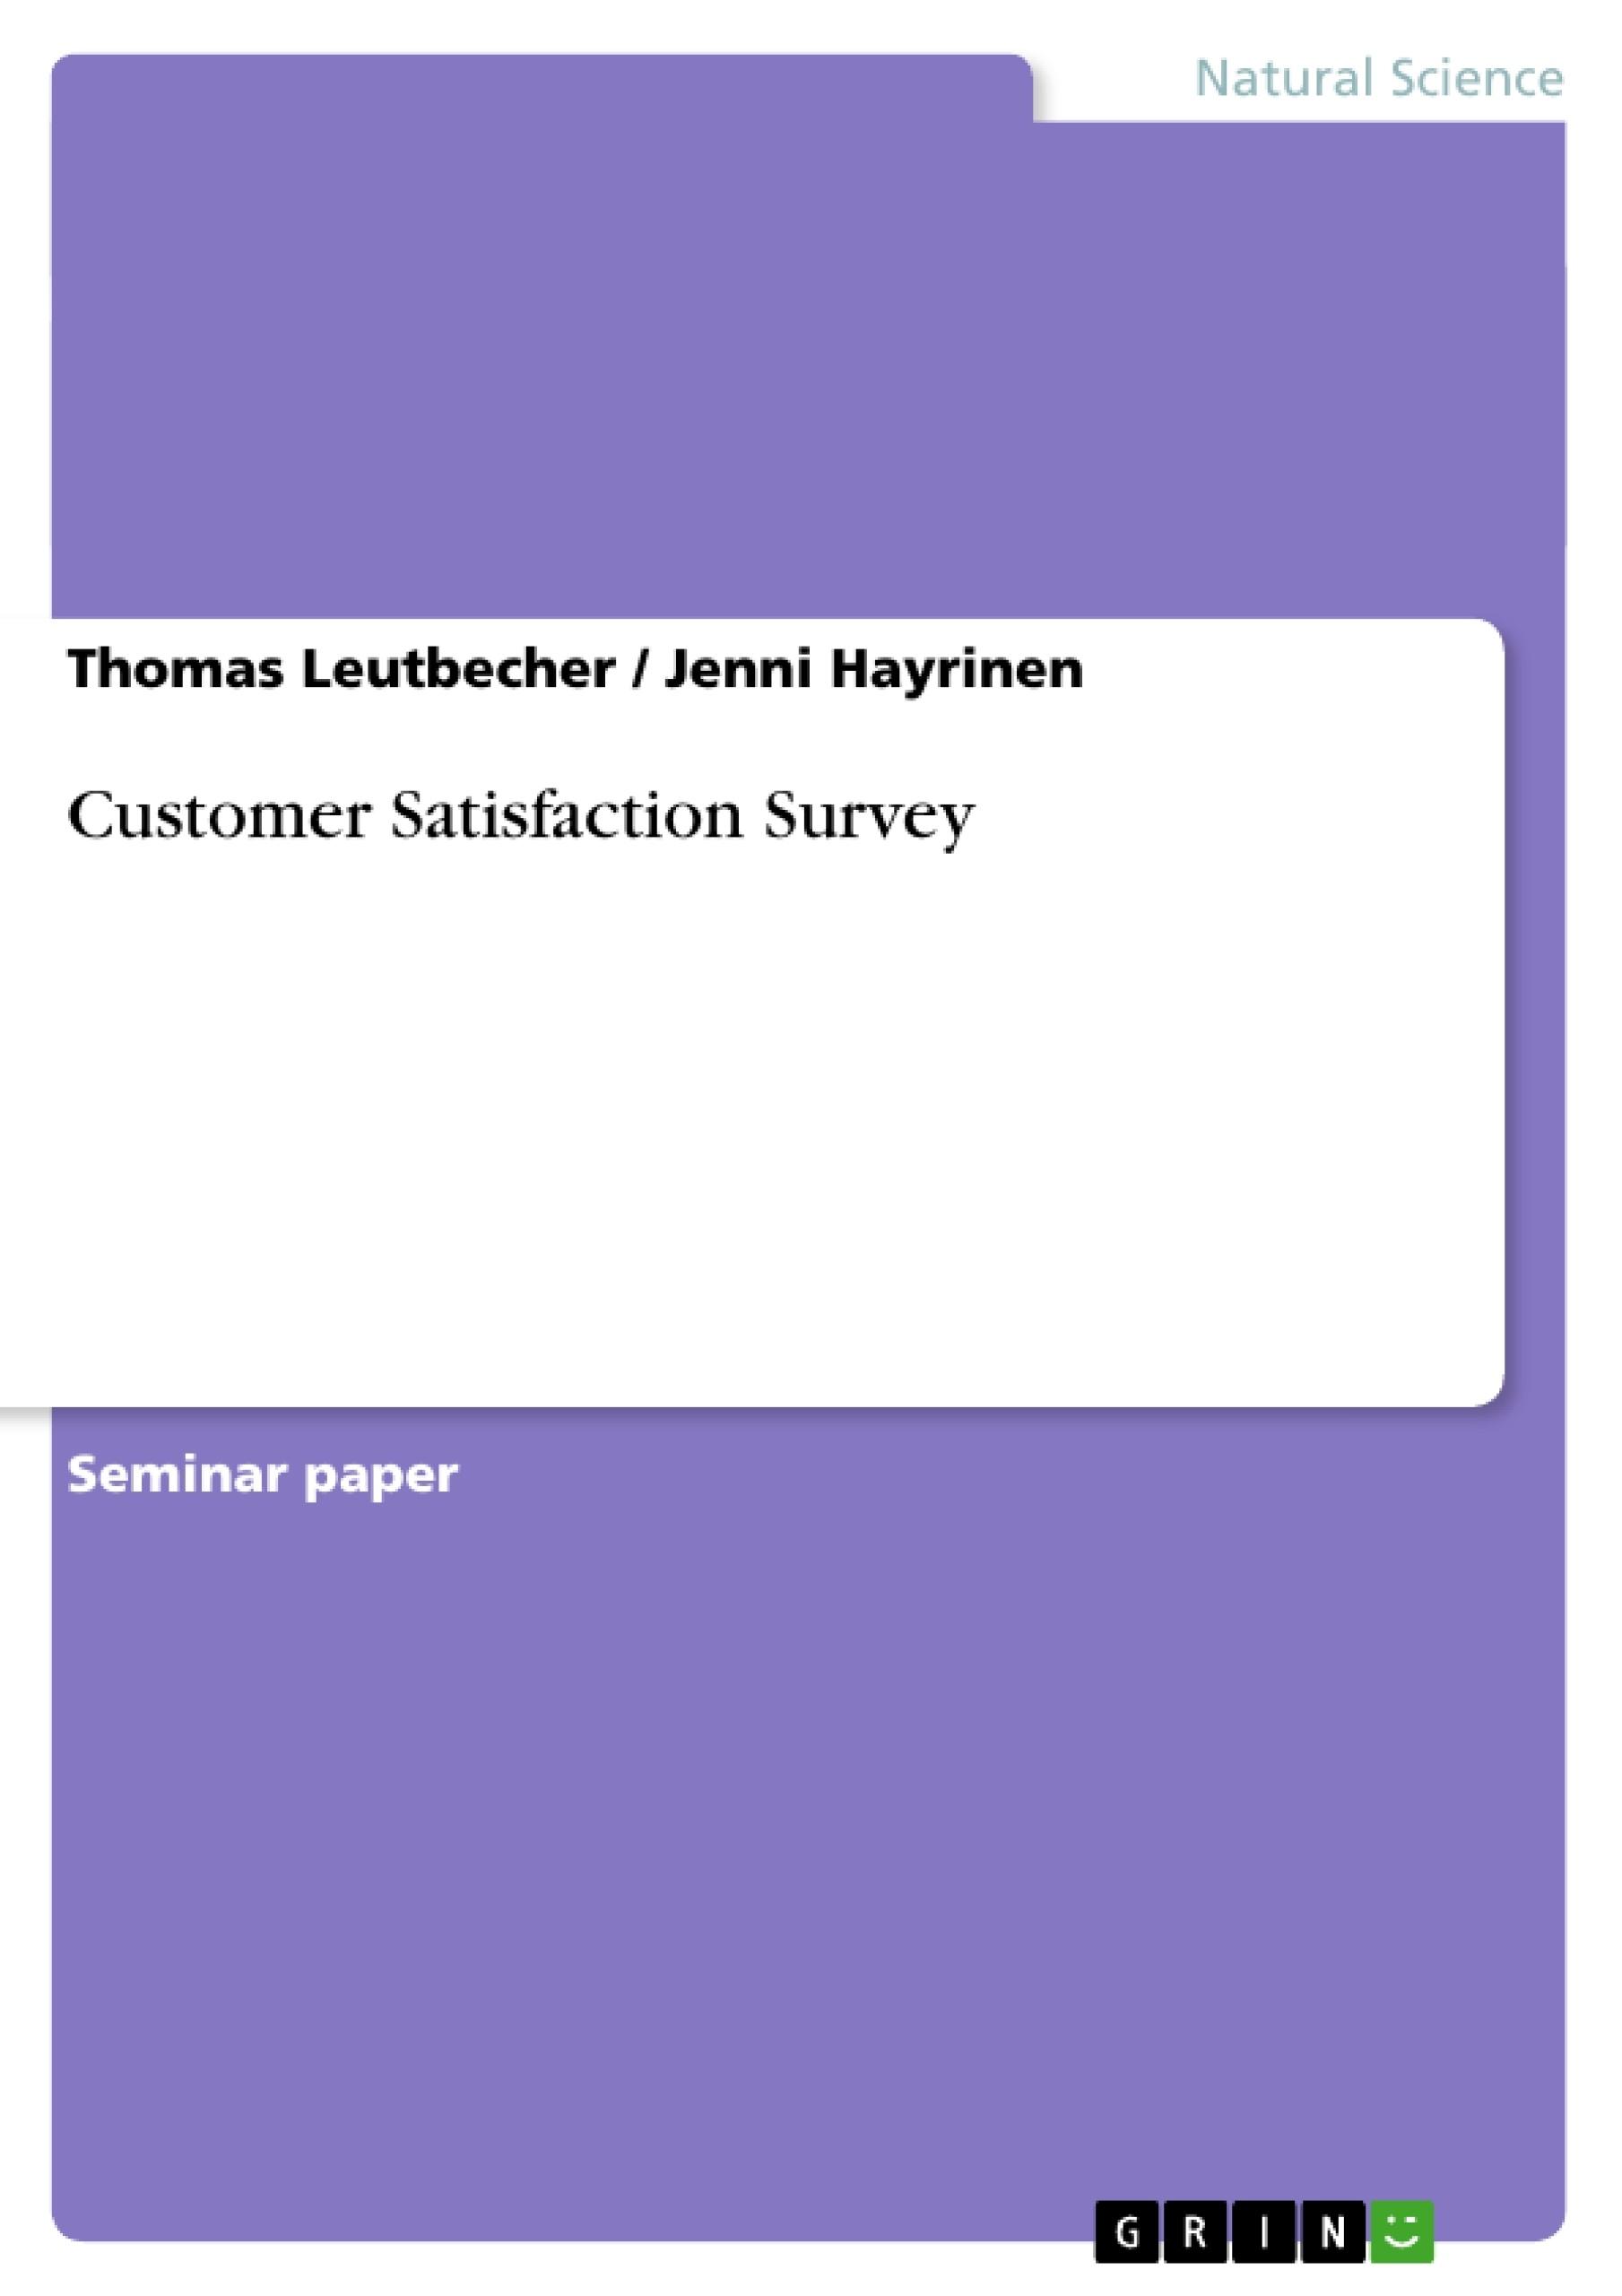 Title: Customer Satisfaction Survey